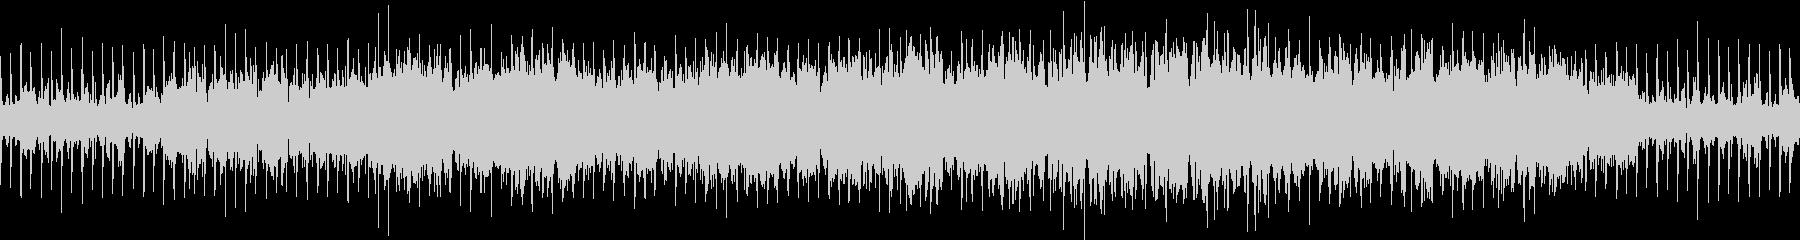 レトロ・パズルゲーム電子系ループBGMの未再生の波形